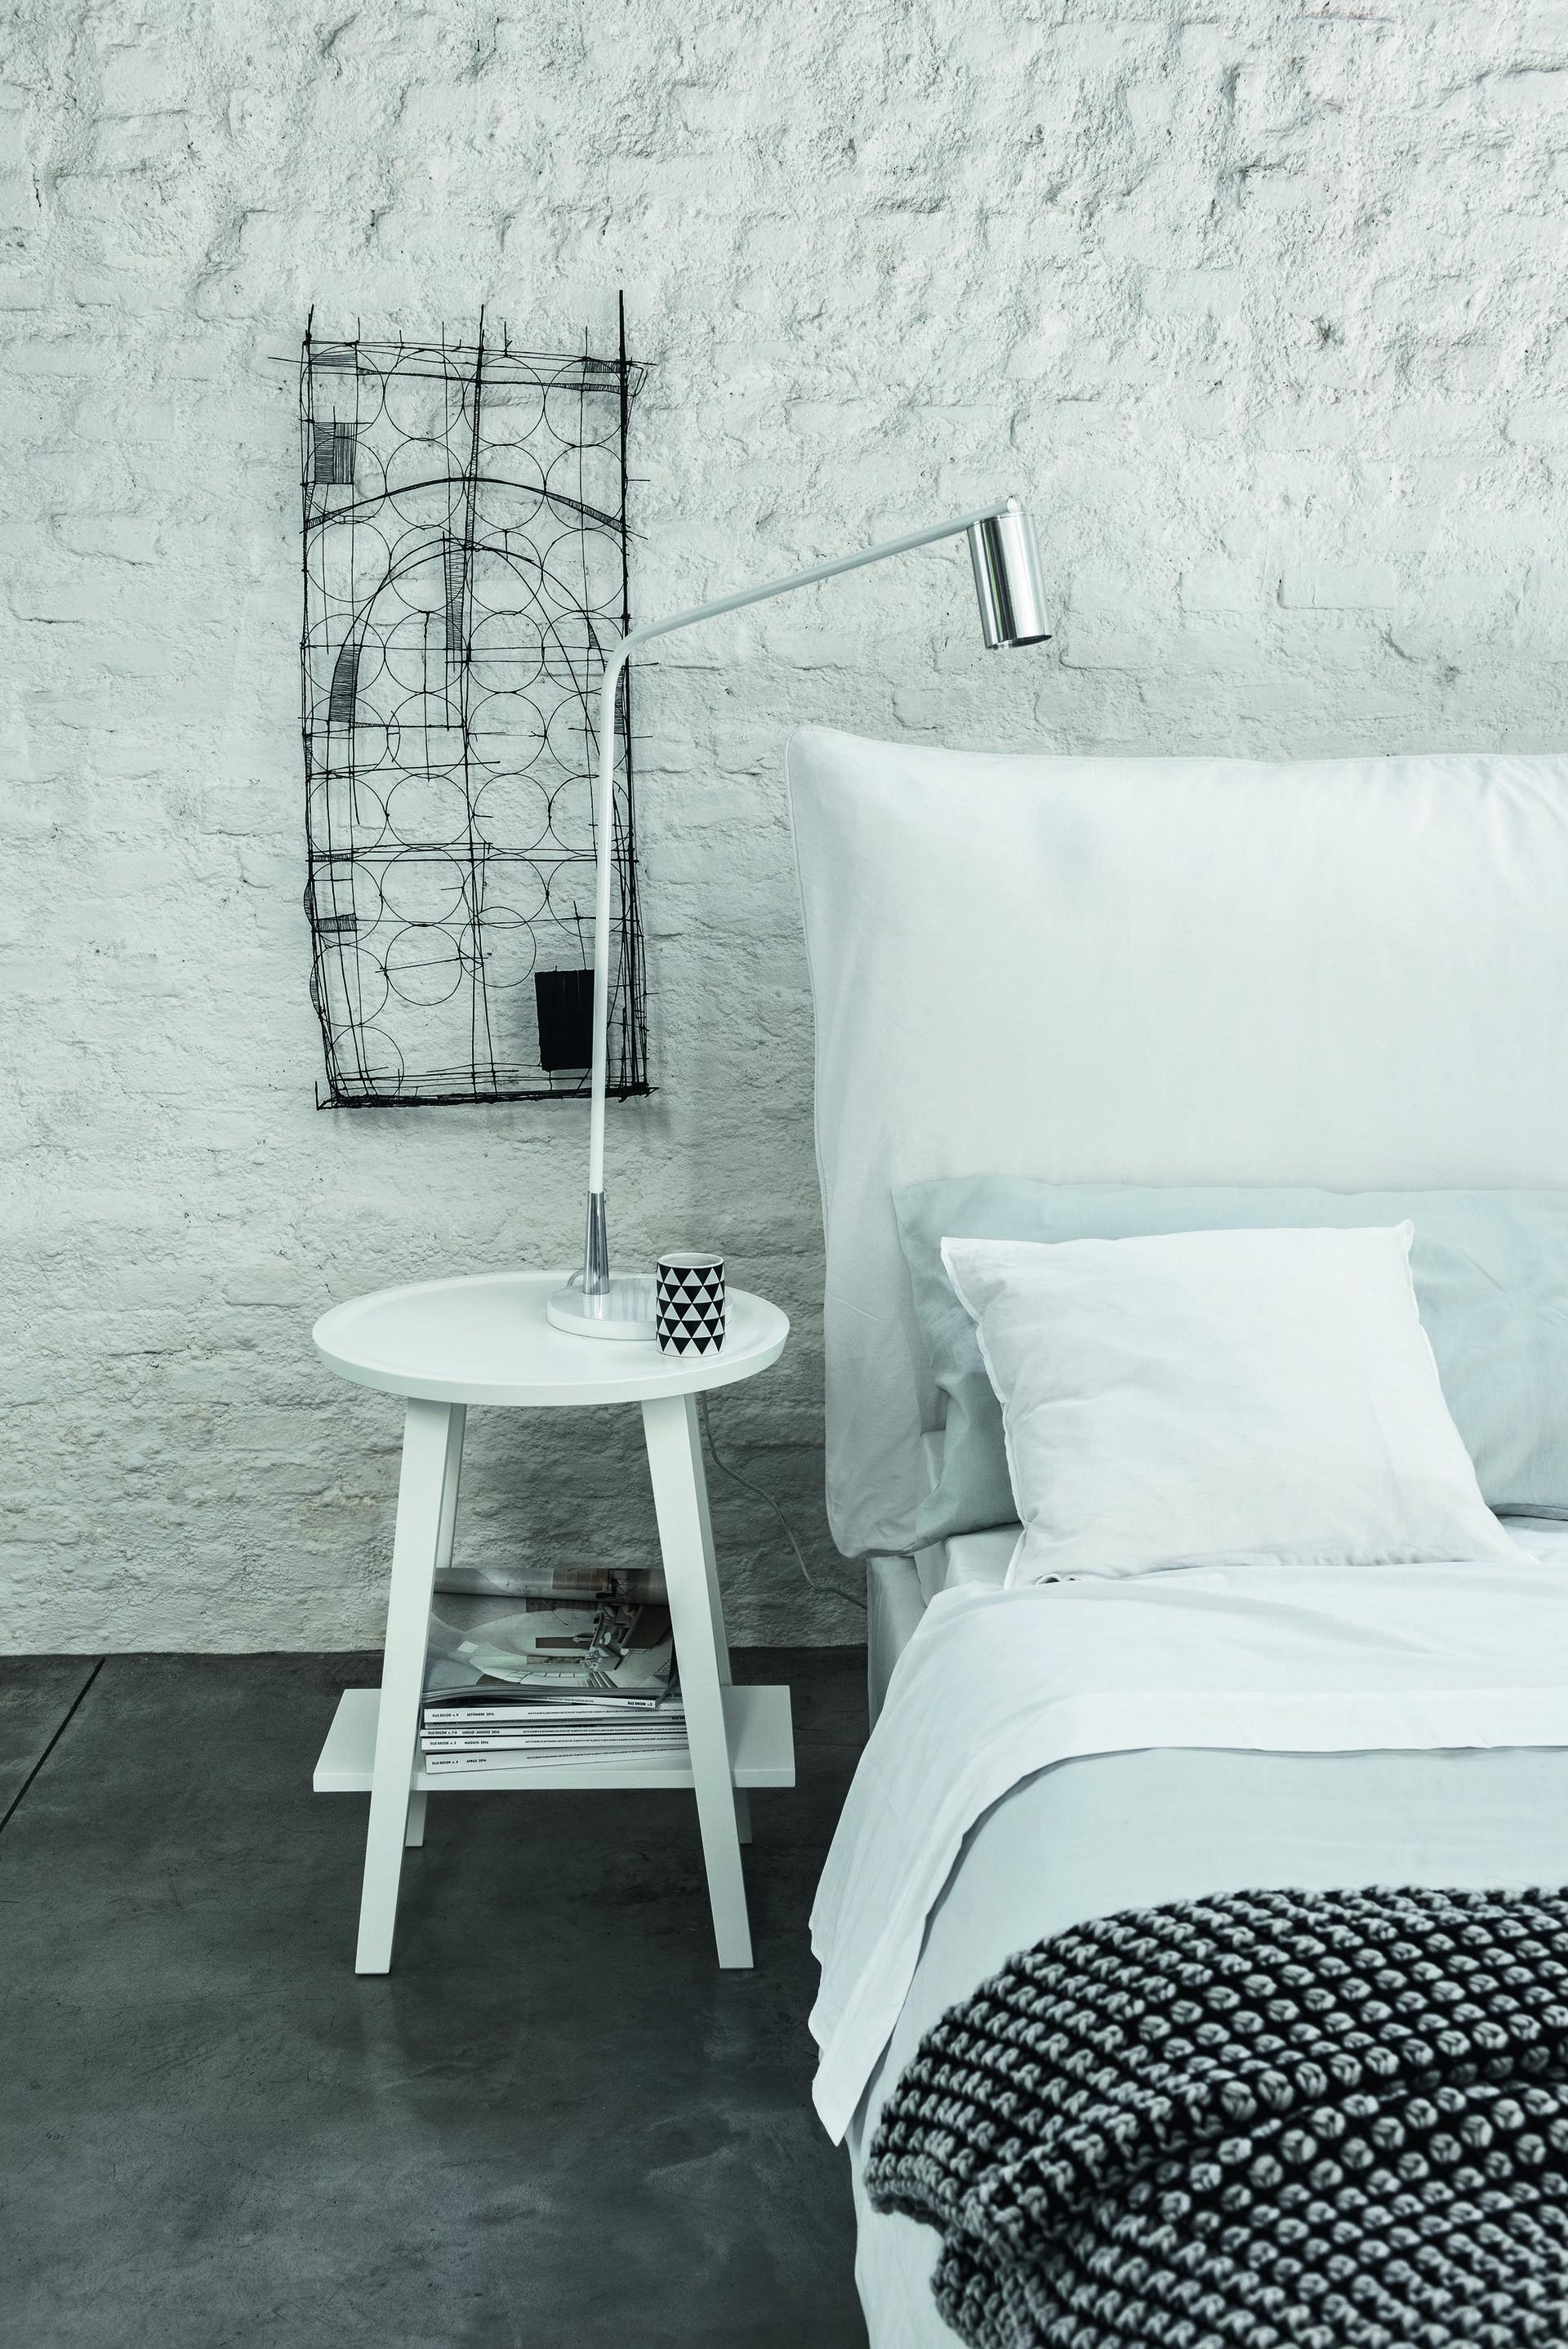 חדר שינה בעיצוב פאולה נבונה למותג האיטלקי letti&co . בפנטהאוז רהיטים